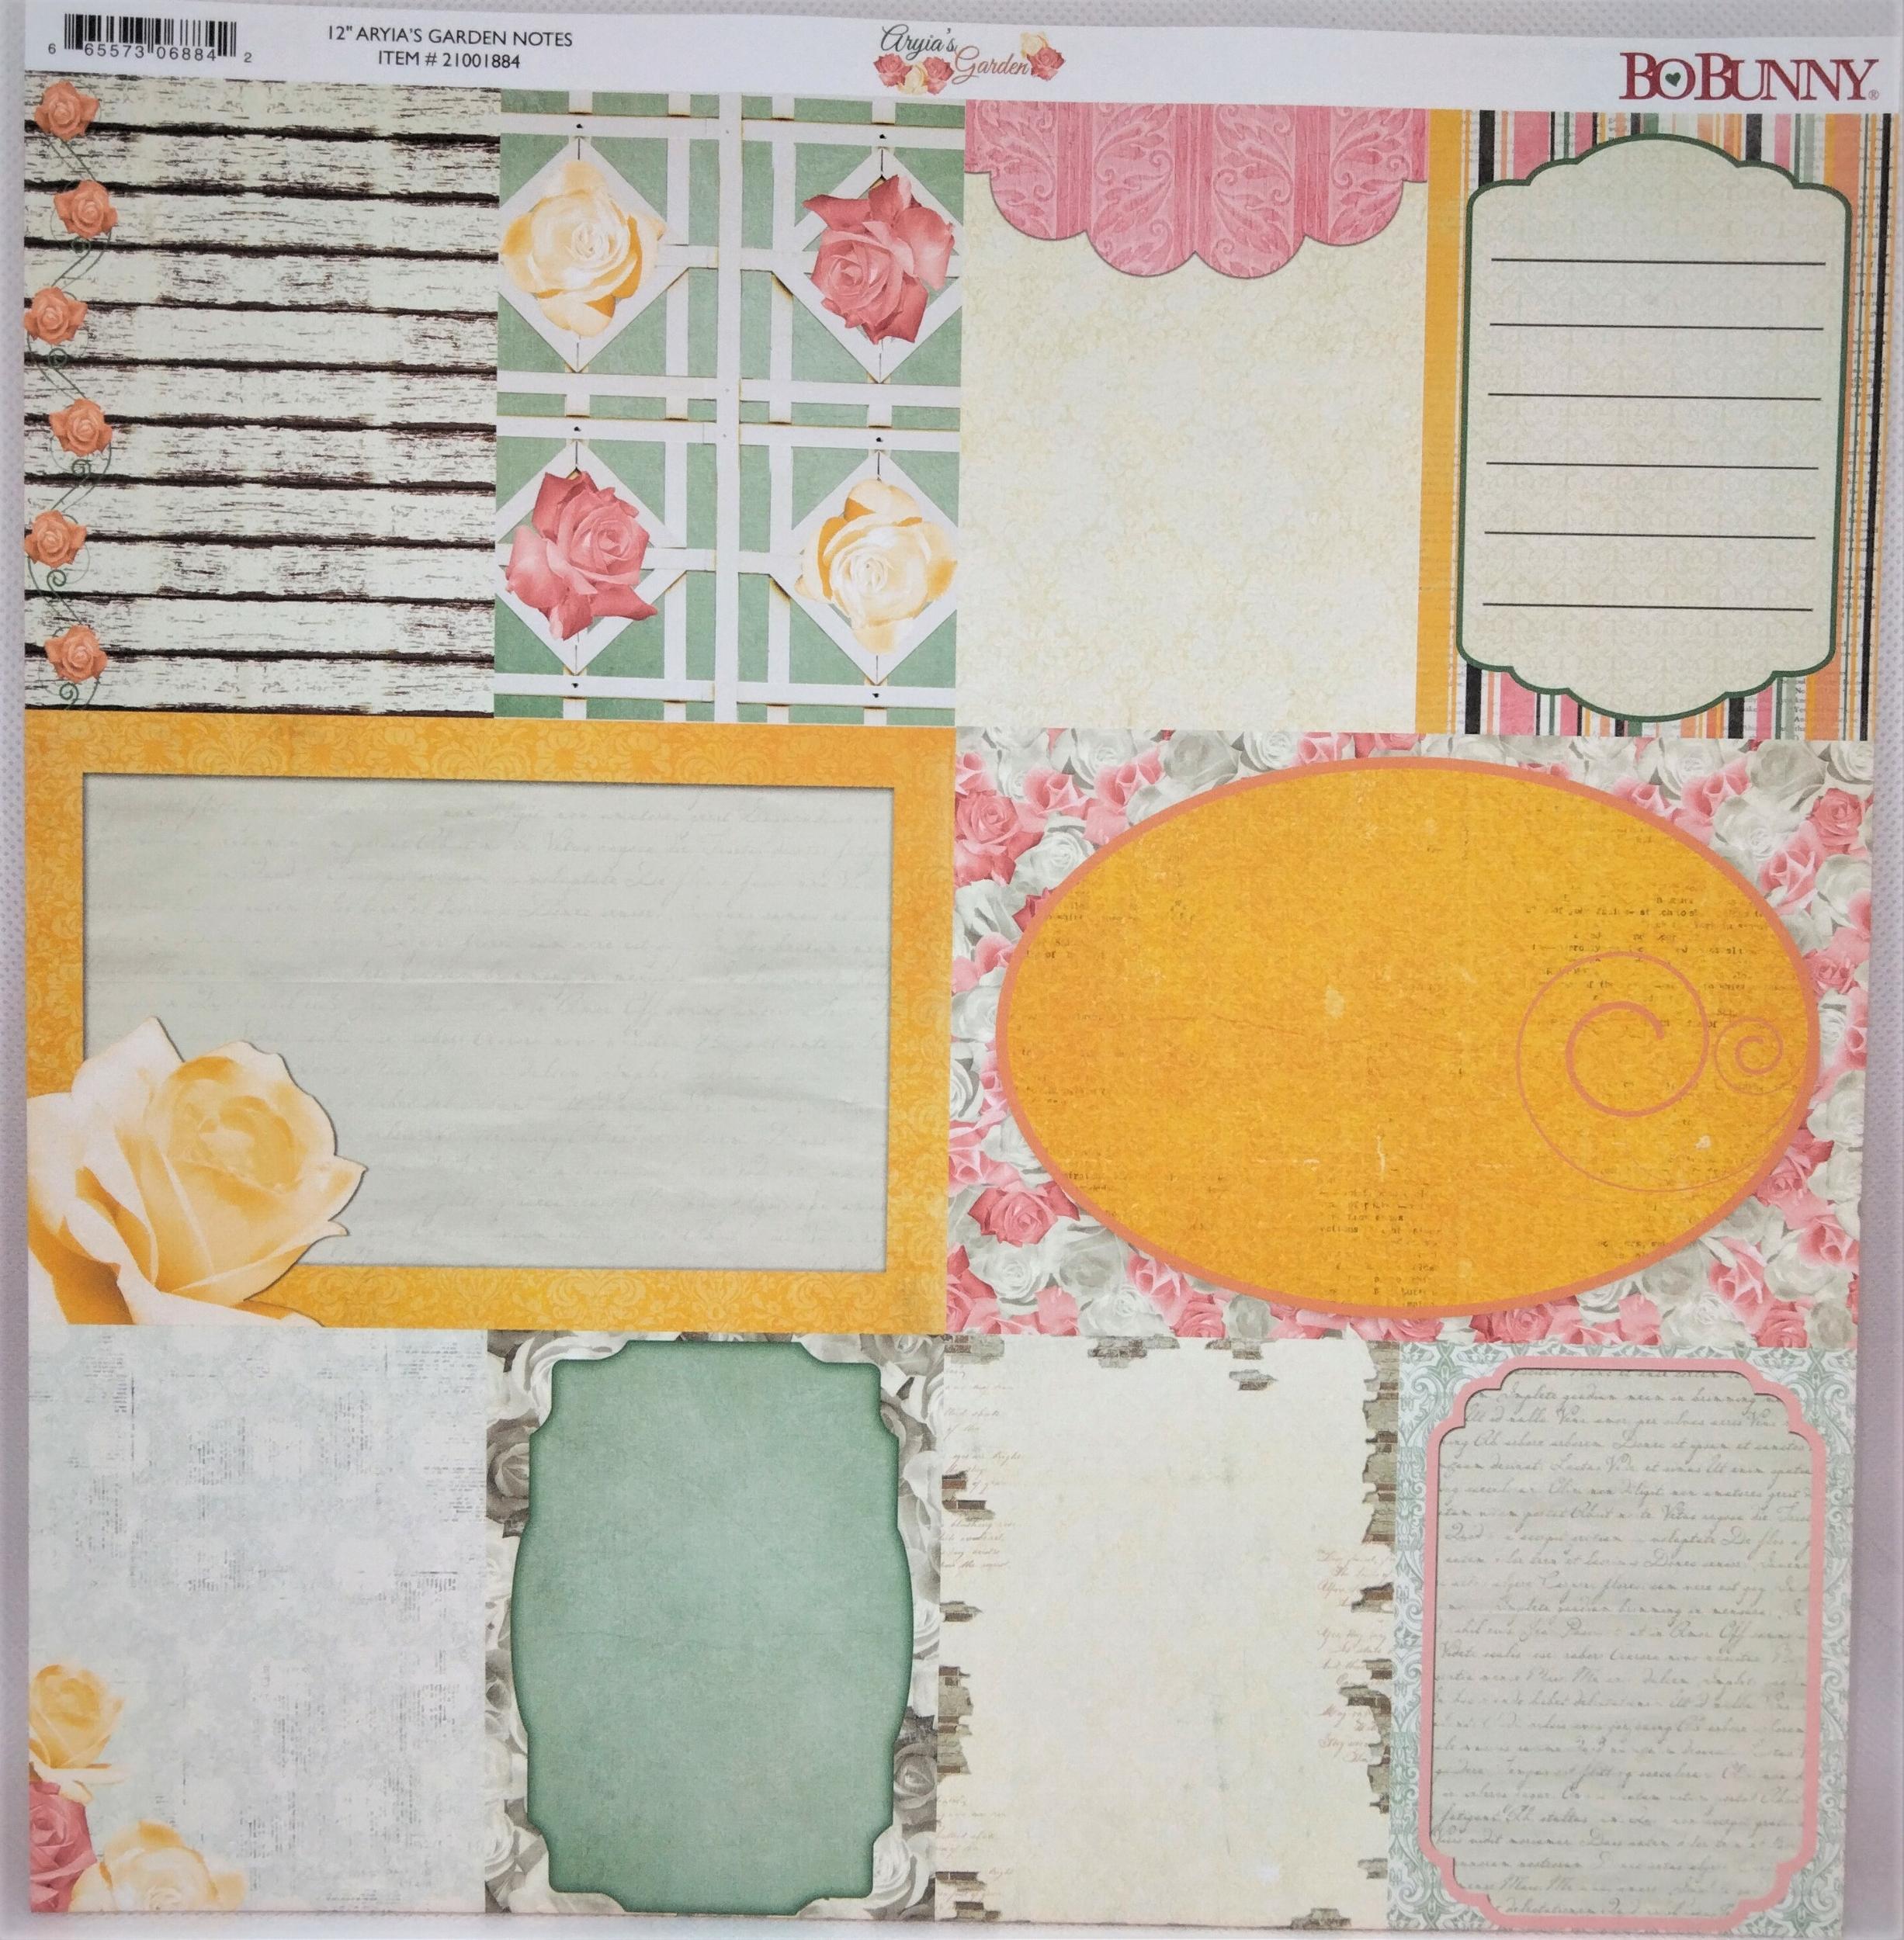 Planche double face 30.5 x 30.5 cms -160 g/m2 - Collection Aryia\'s Garden - Notes